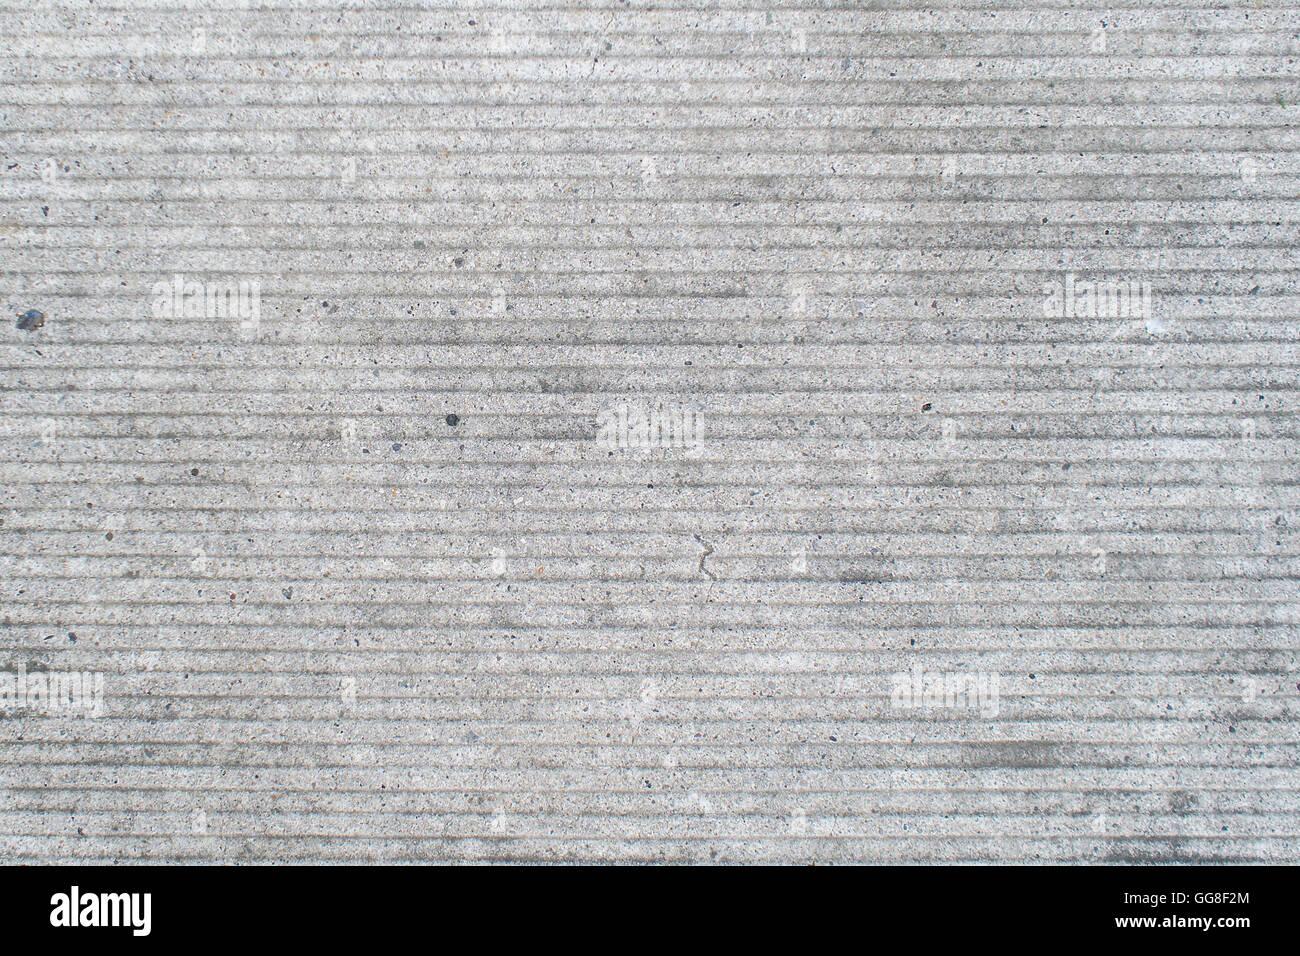 Detailansicht der grauen Fassade Beton mit horizontalen Linien Stockbild